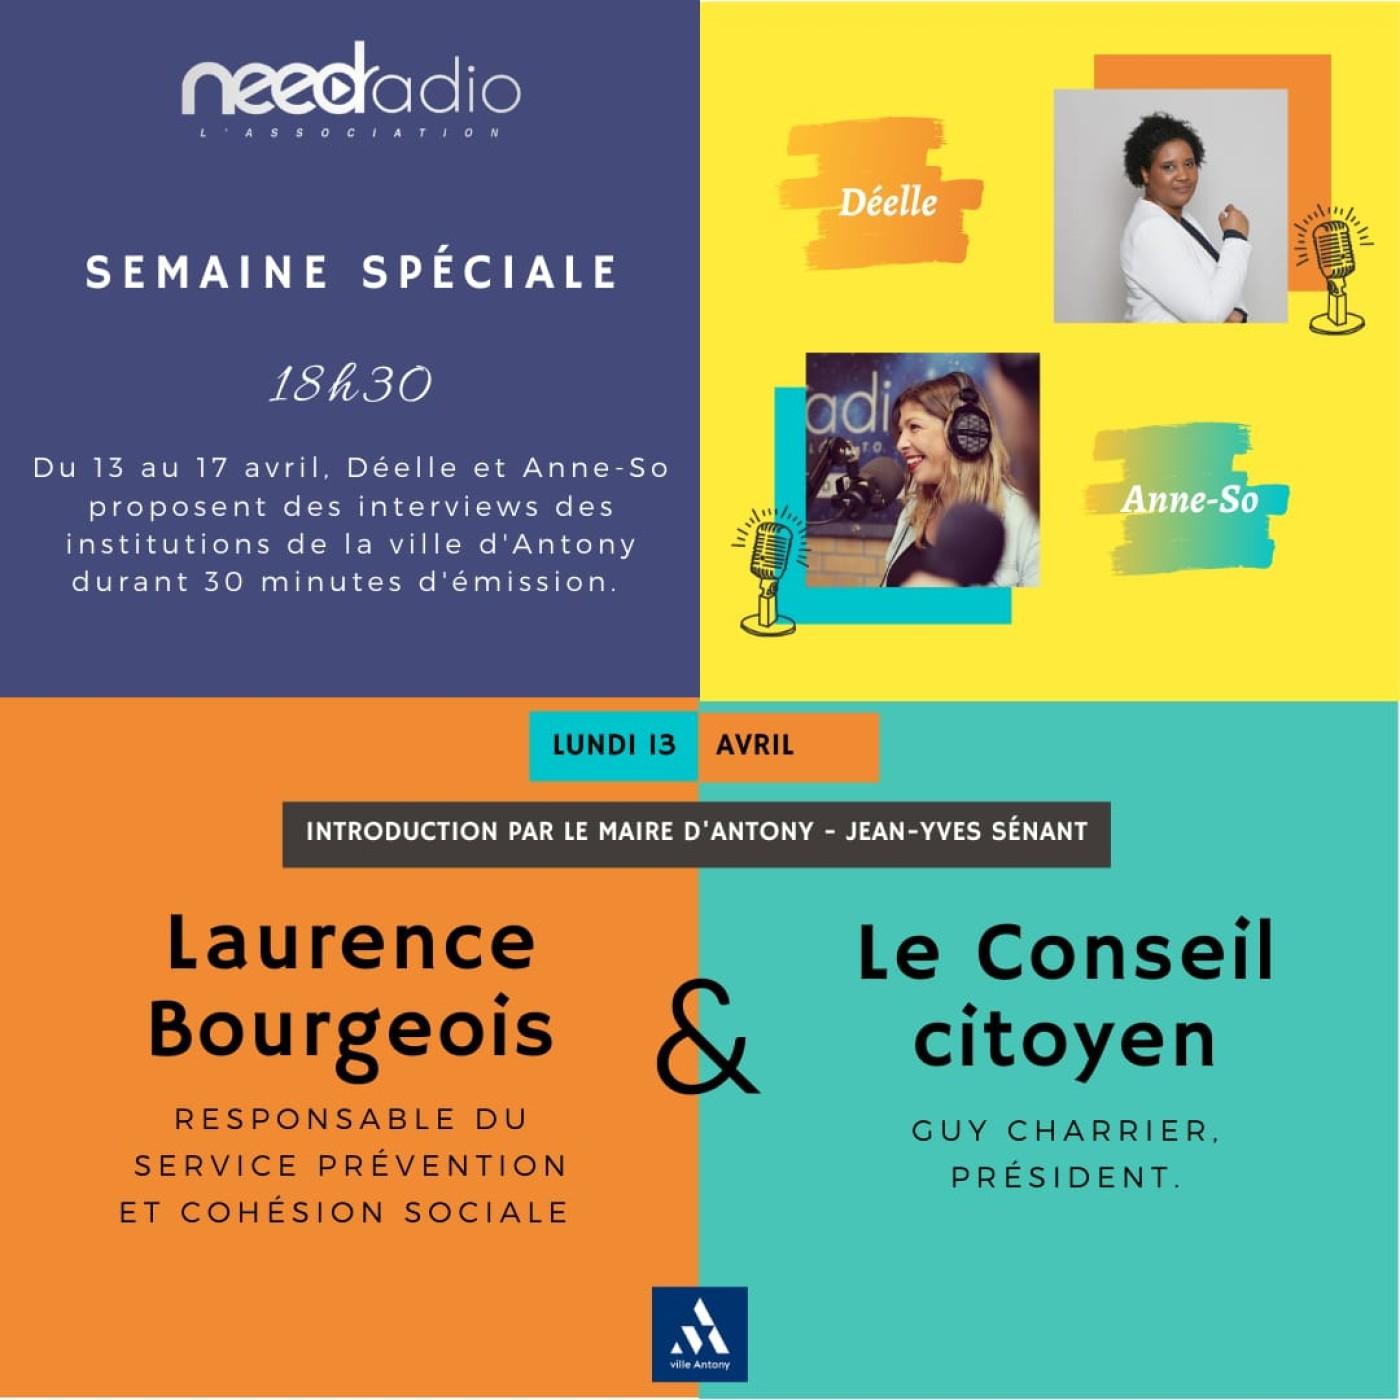 #NRVDLP spéciale confinement - Jean-Yves Sénant (Maire d'Antony), Laurence Bourgeois et le Conseil Citoyen d'Antony (13/04/20)